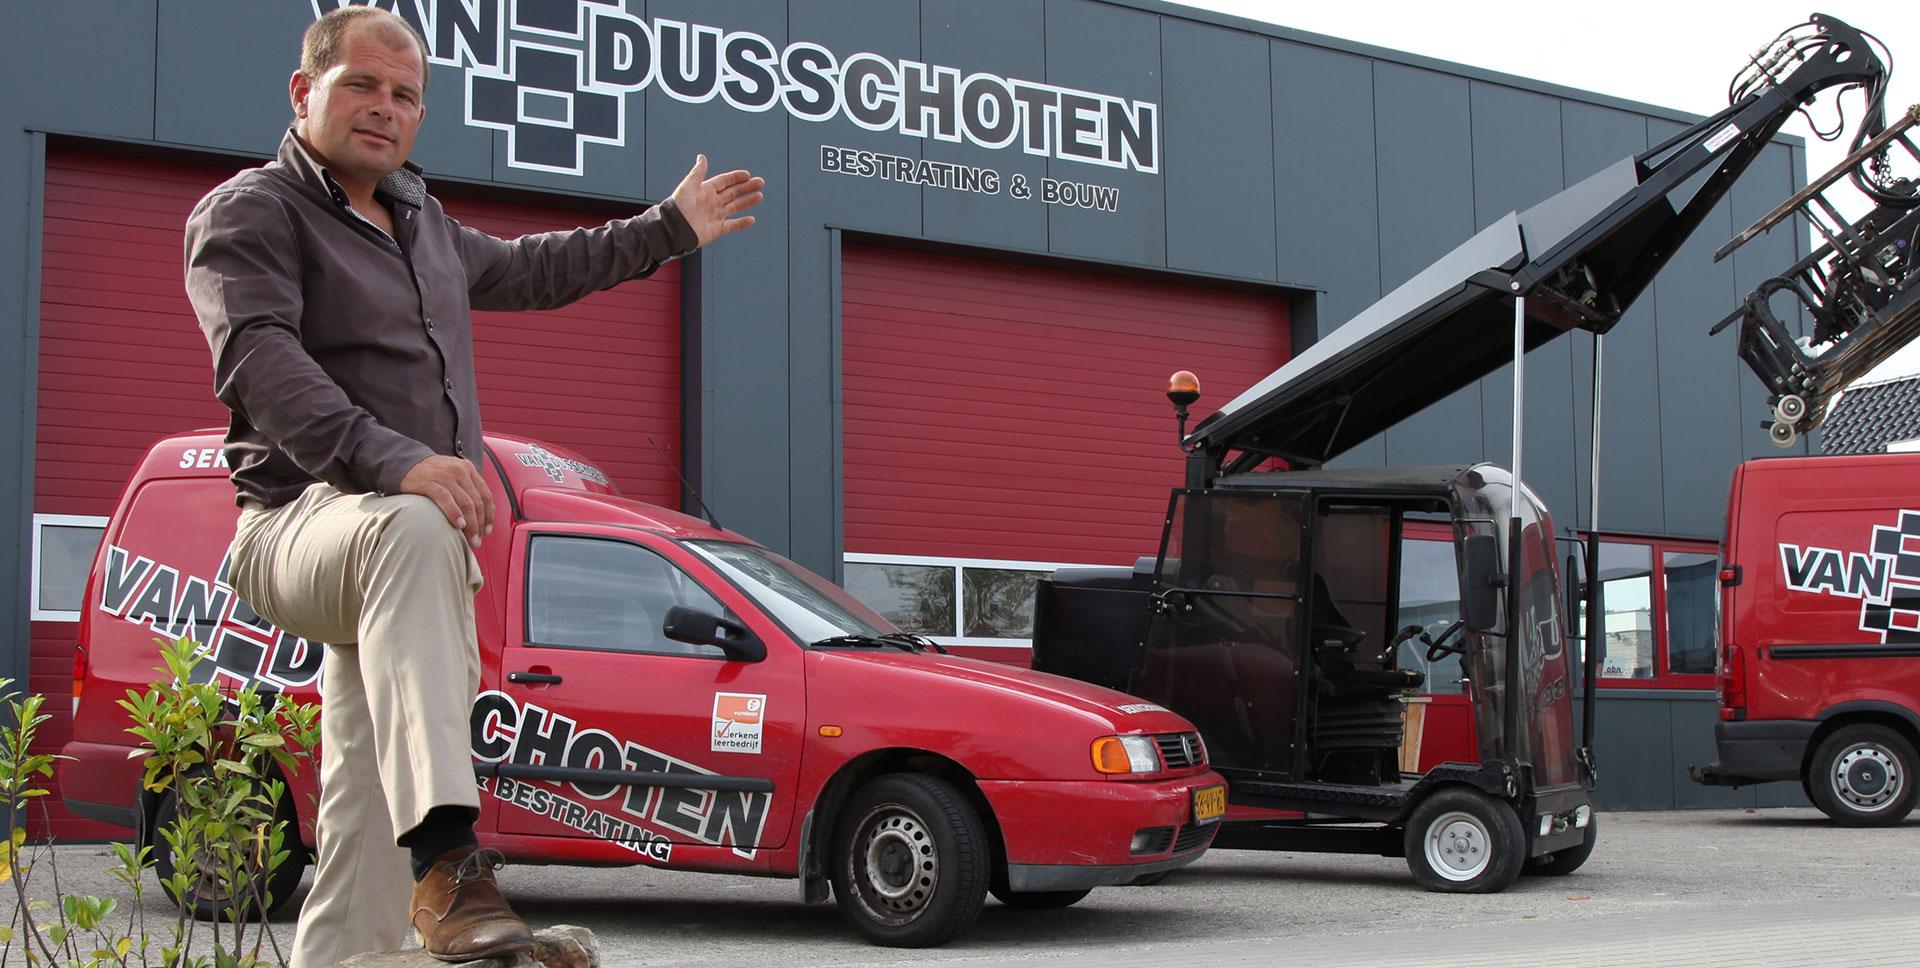 Welkom bij Van Dusschoten Bestrating & Bouw